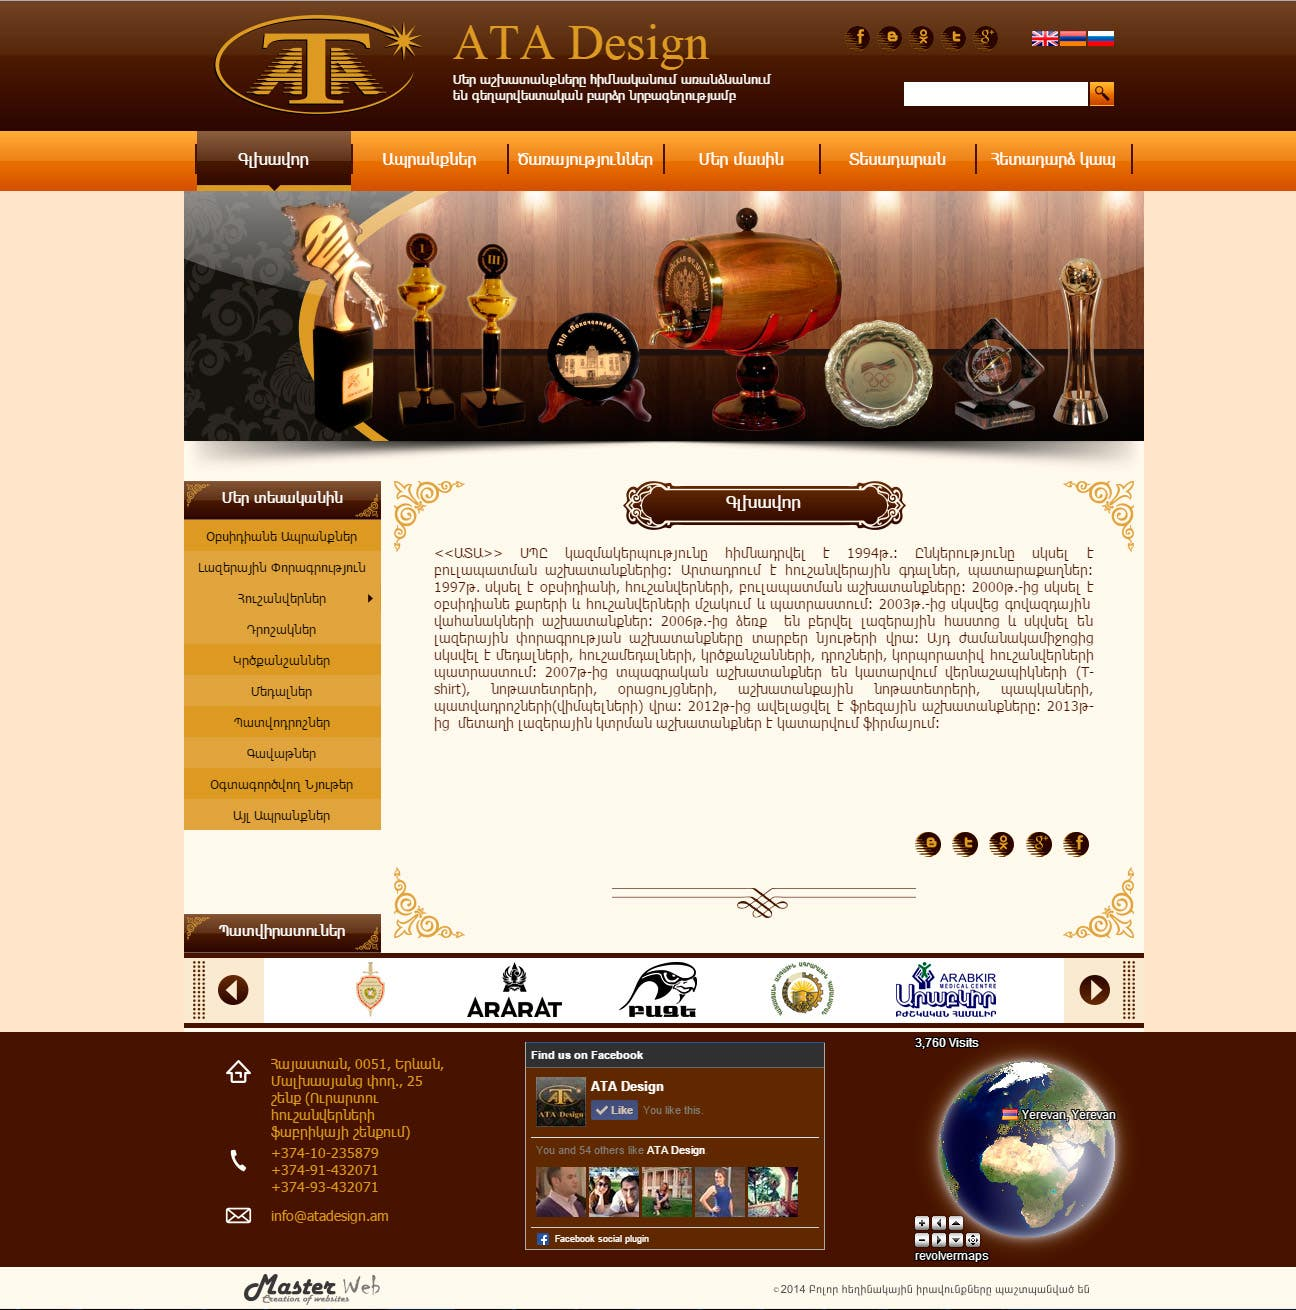 www.atadesign.am